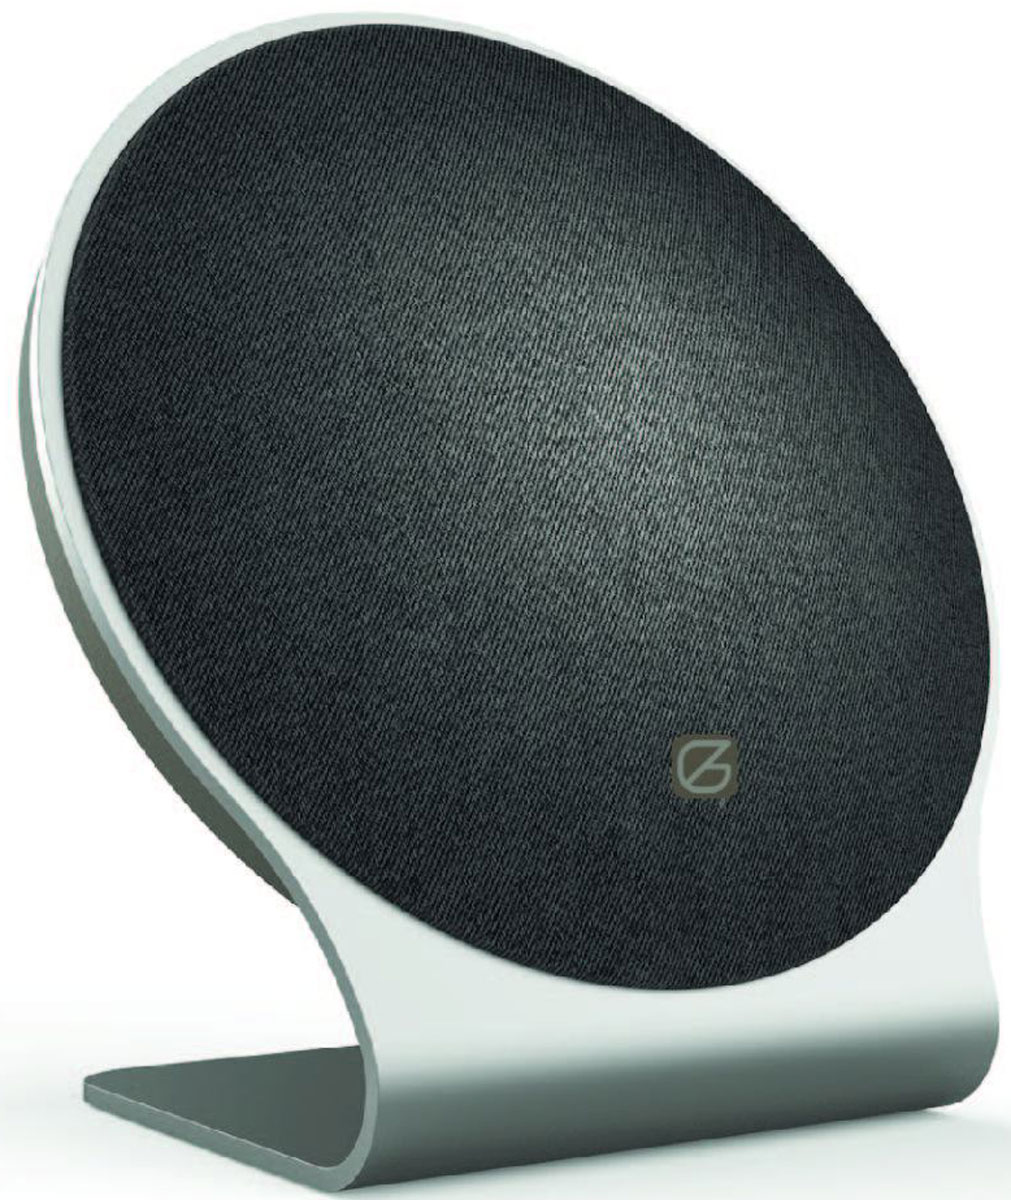 GZ Electronics LoftSound GZ-99, Black портативная акустическая система - Портативная акустика